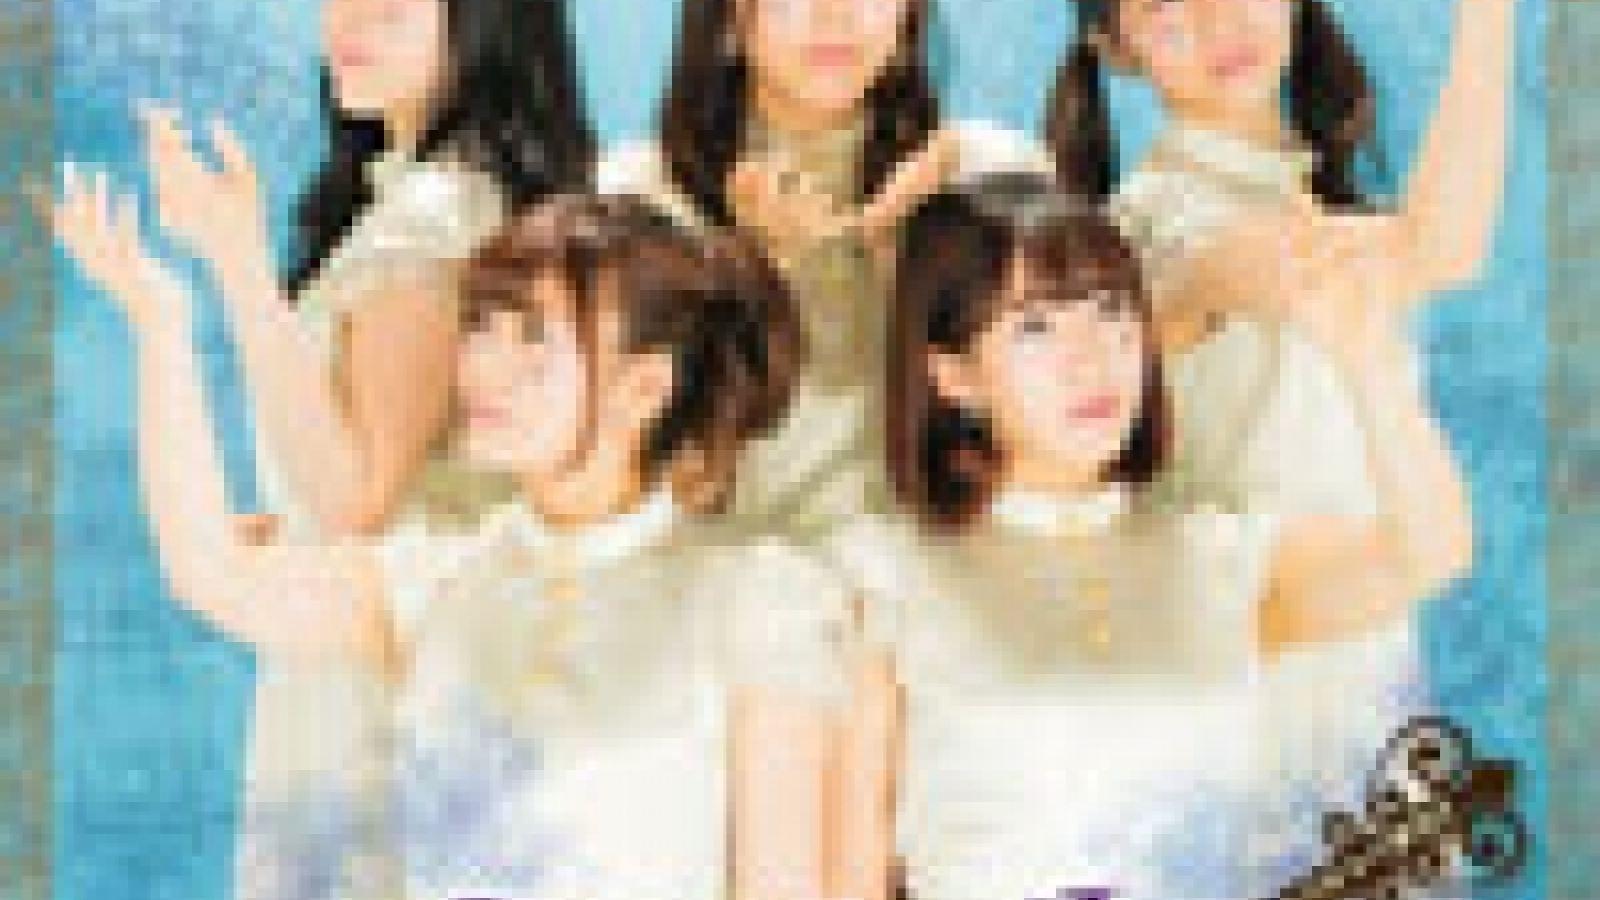 STARMARIE - Mekurumeku yuuki! © EVIL LINE RECORDS. All rights reserved.